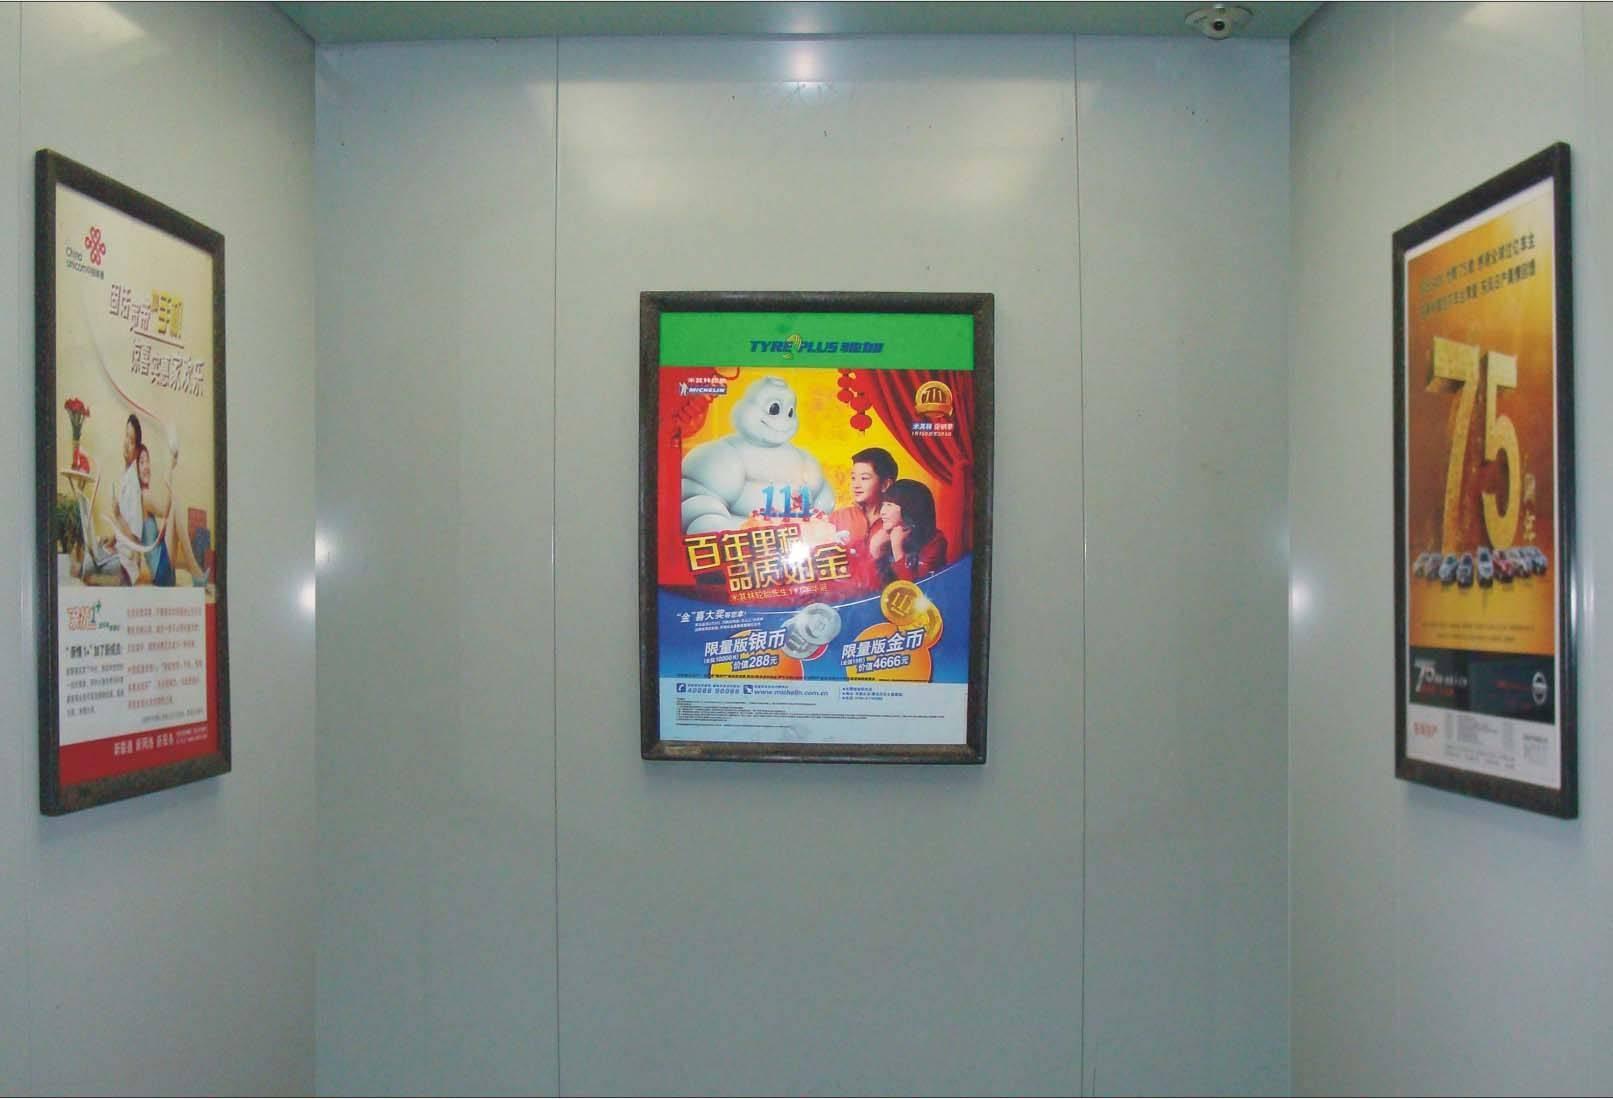 佛山市高明区盈翠轩电梯轿厢广告框架